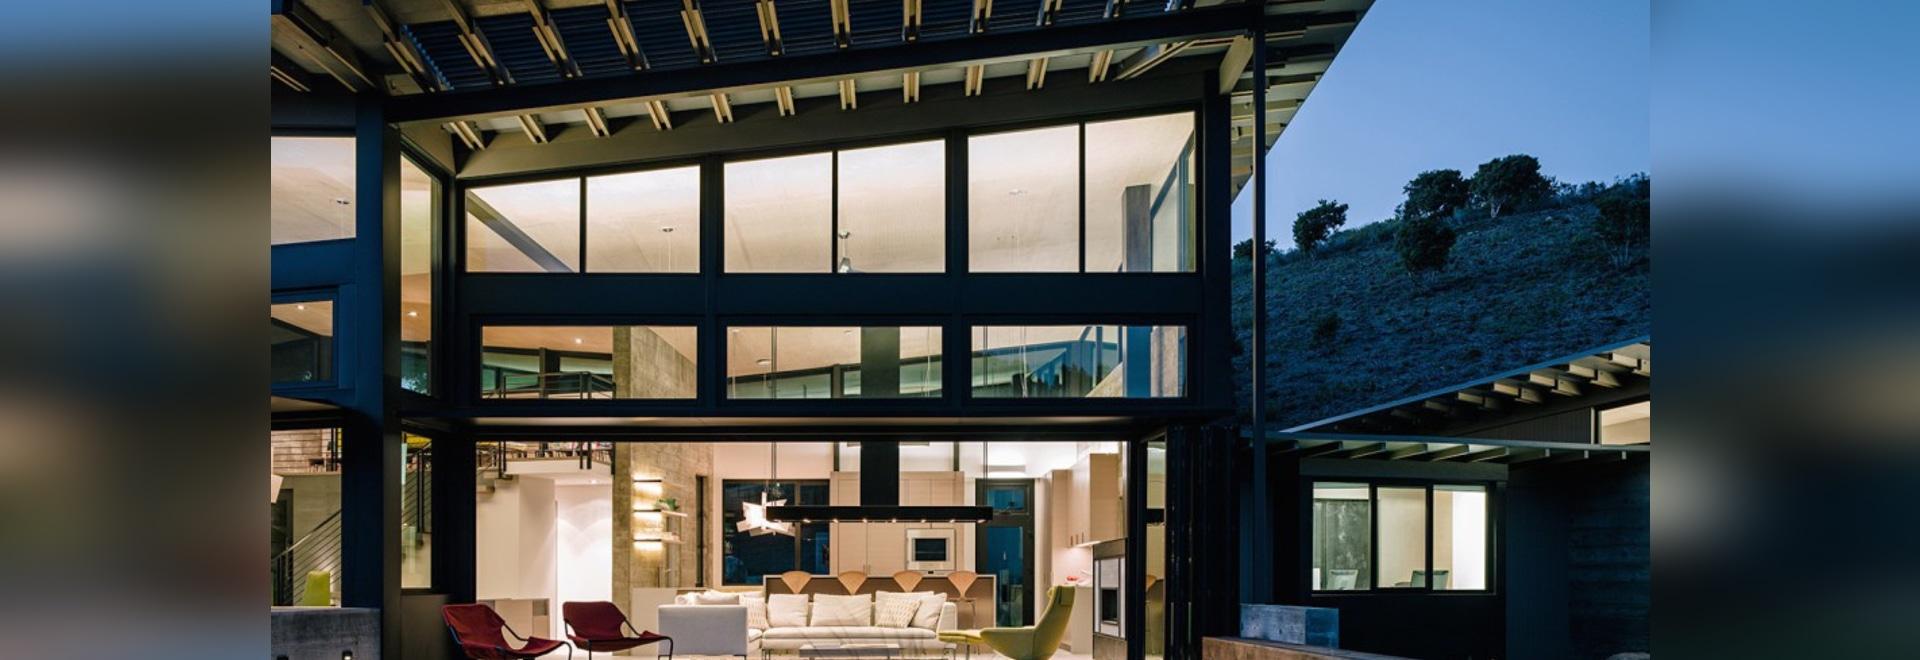 Erstaunliches Solarschmetterlings-Haus erarbeitet ...